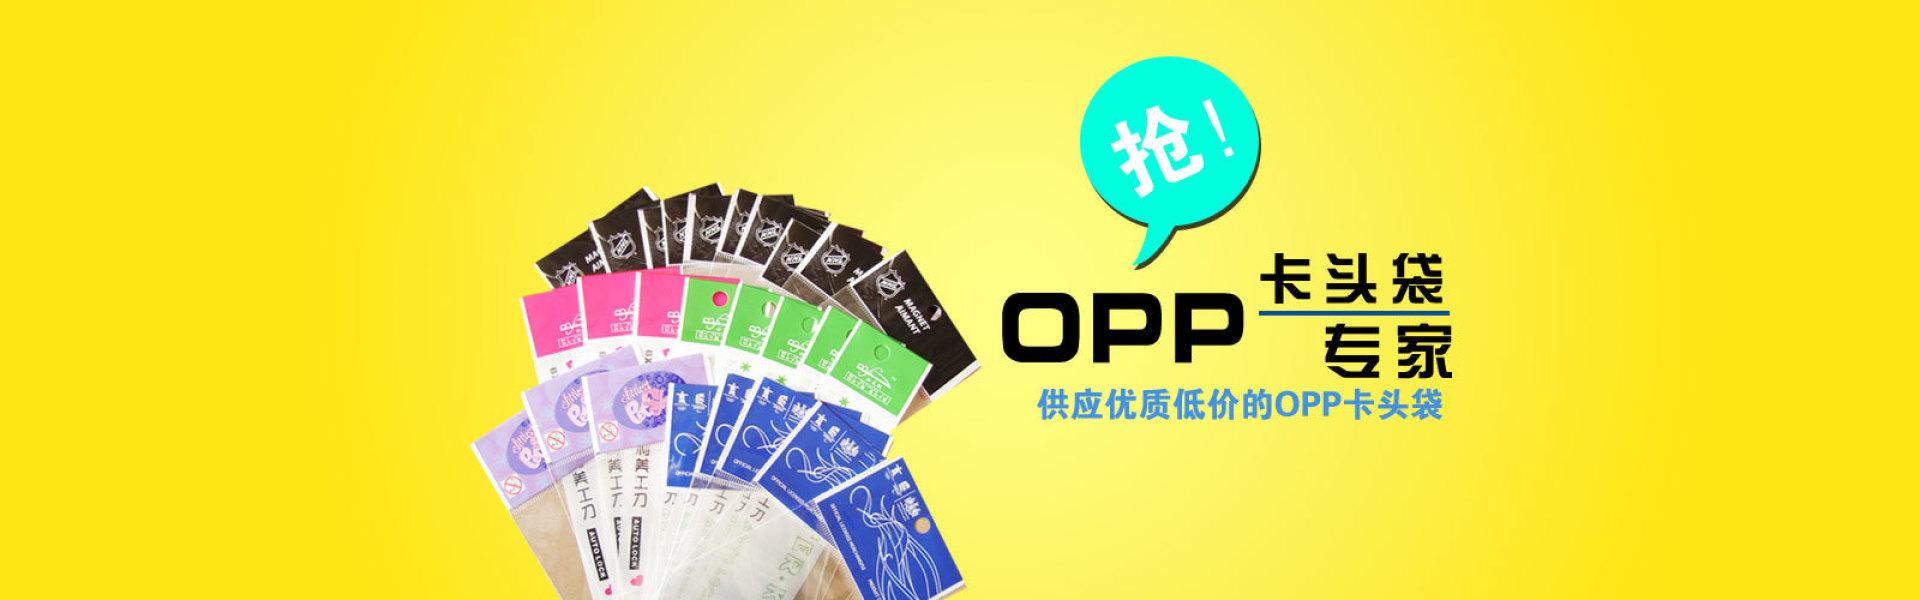 华轩包装提供塑料袋,印刷胶袋,PVC材料等包装袋批发!